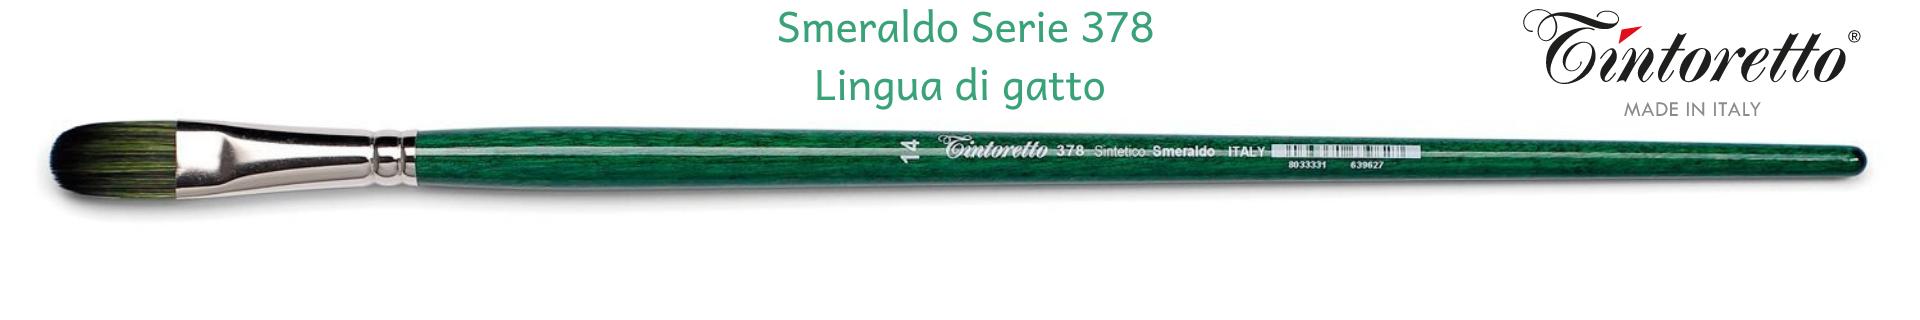 Tintoretto Smeraldo 378 Lingua di gatto